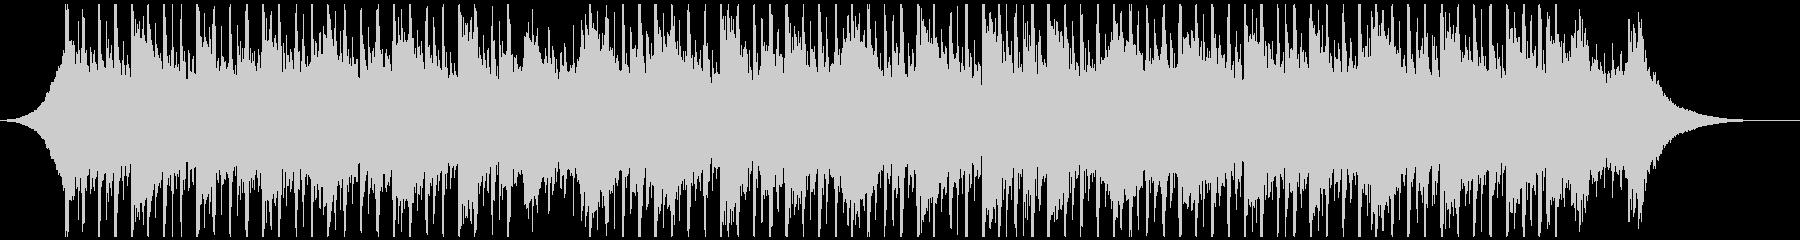 アーキテクチャ(55秒)の未再生の波形